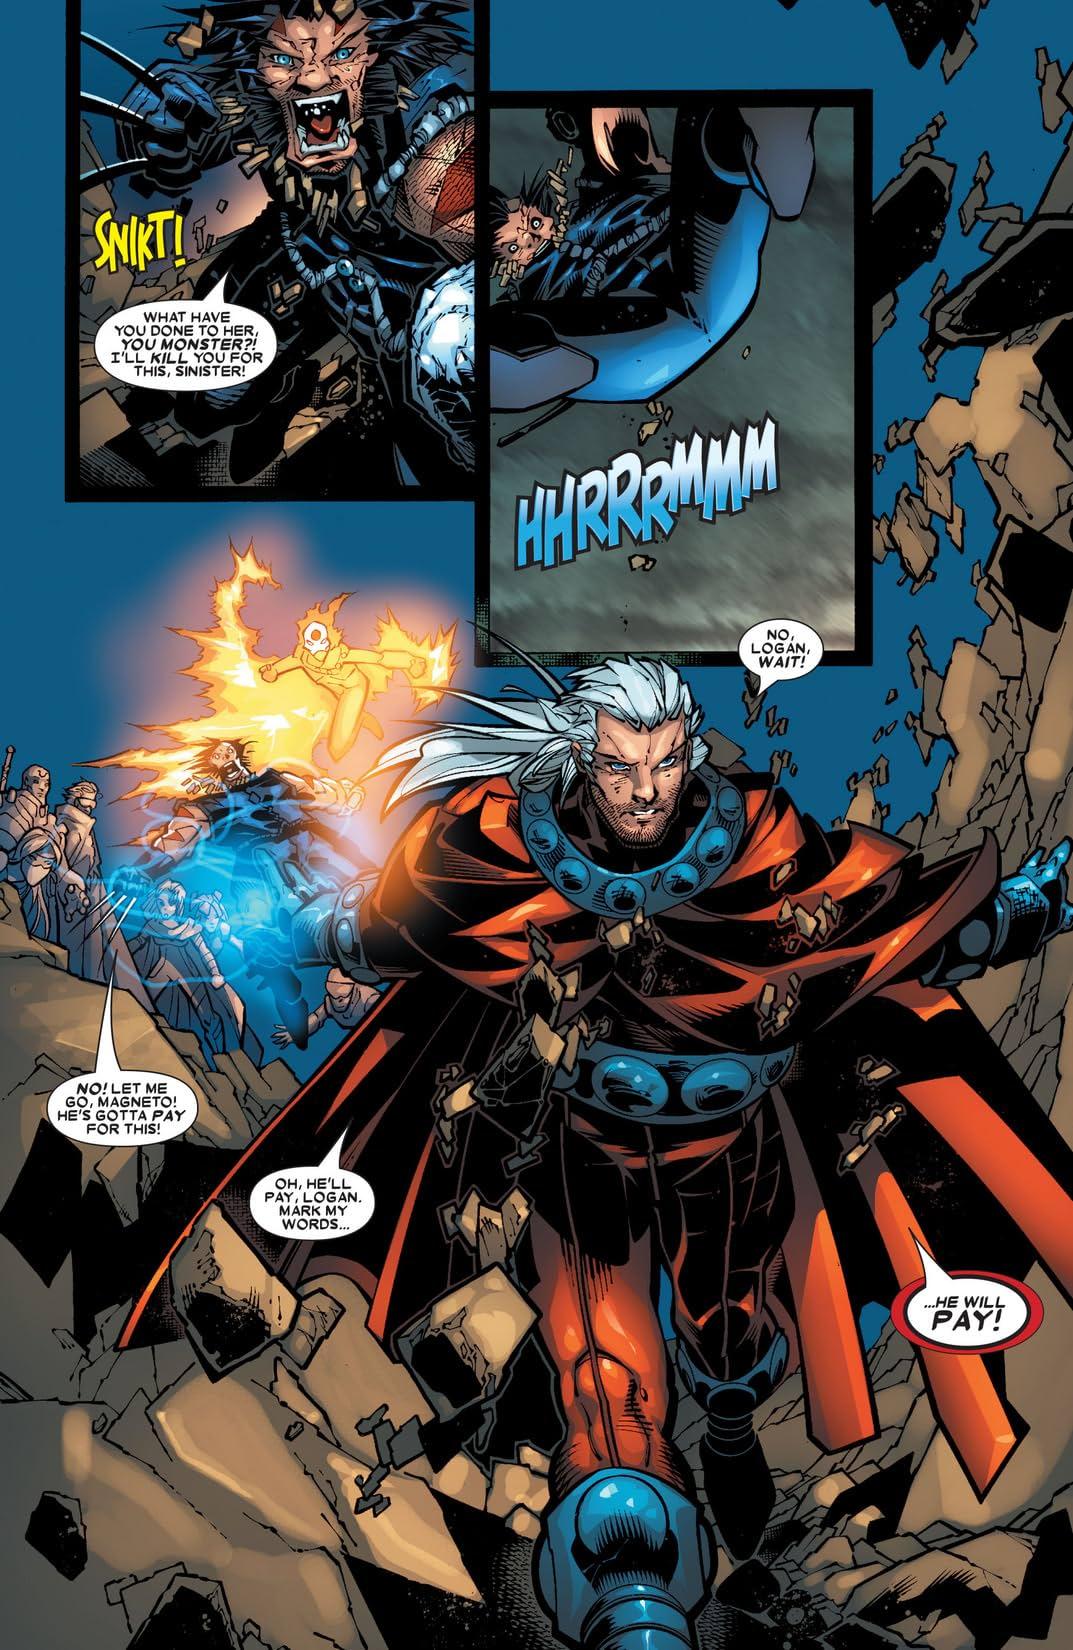 X-Men: Age of Apocalypse #6